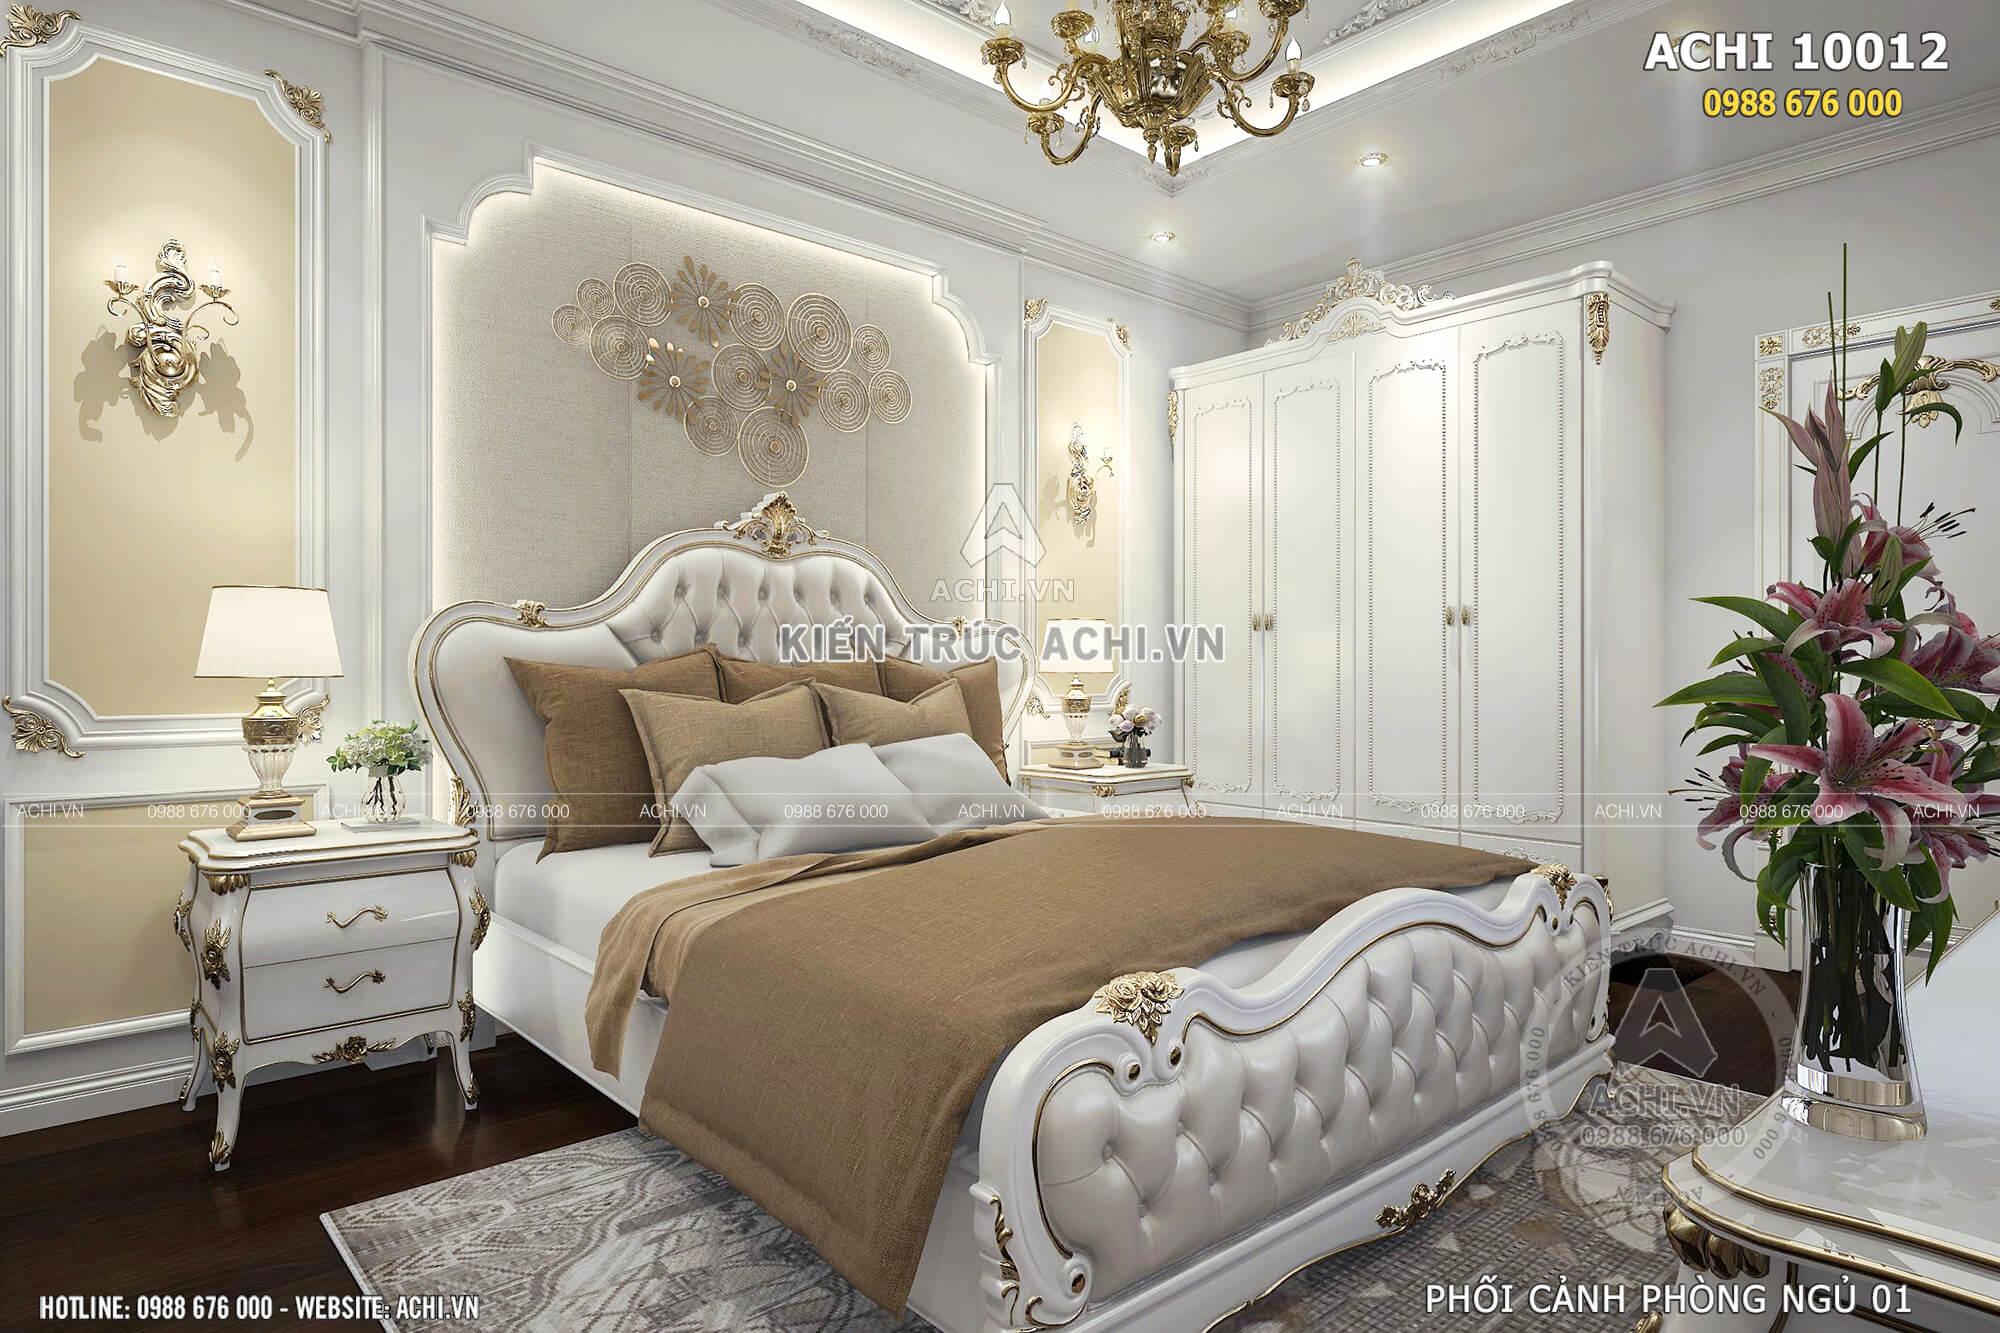 Không gian phòng ngủ không những sang trọng tiện nghi mà còn gọn gàng ngăn nắp